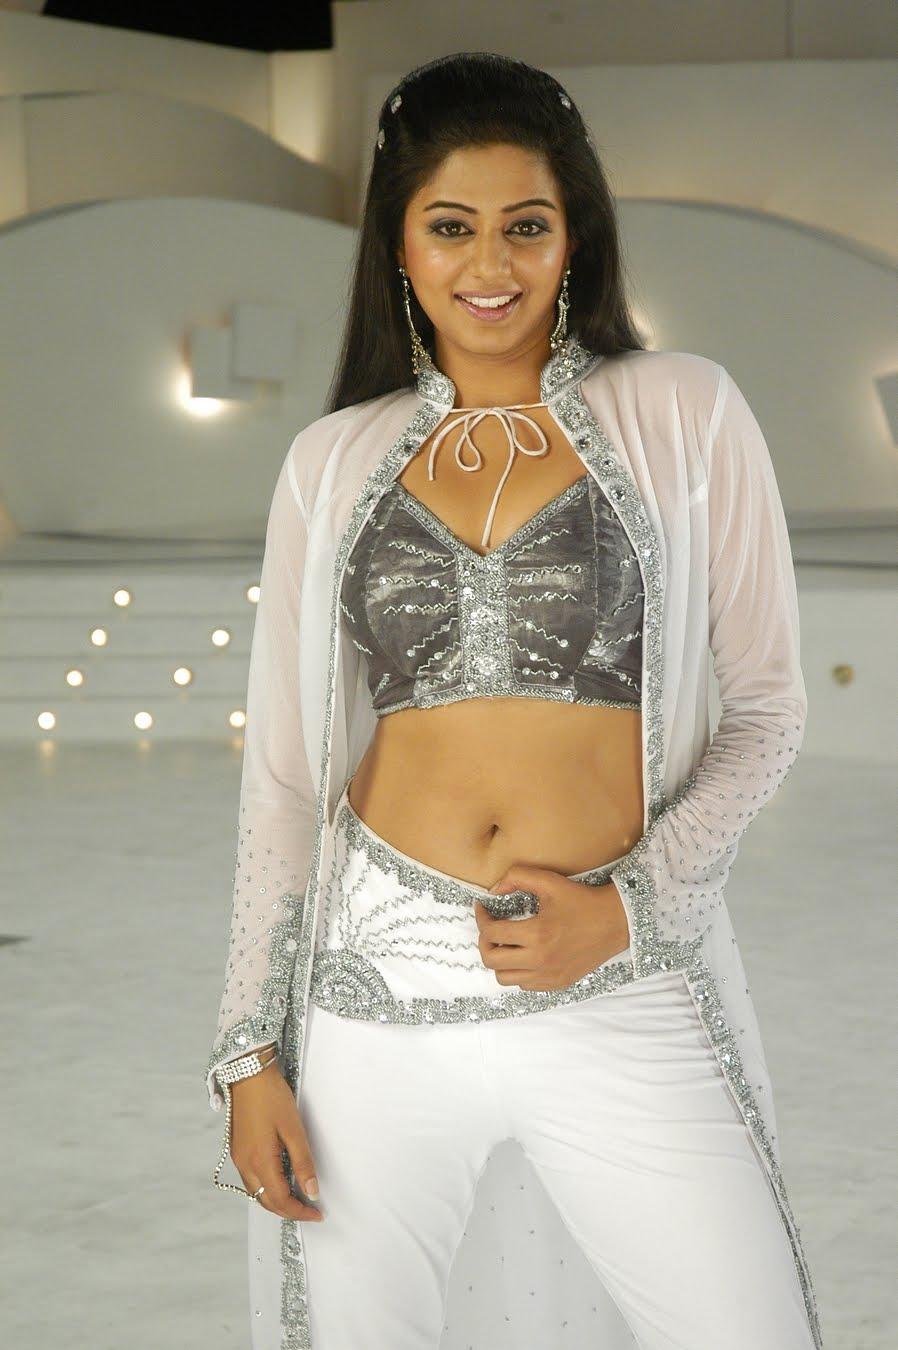 BALAI DESA: Priya Mani Photo Gallery|Tamil Actress Pirya Mani Gallery